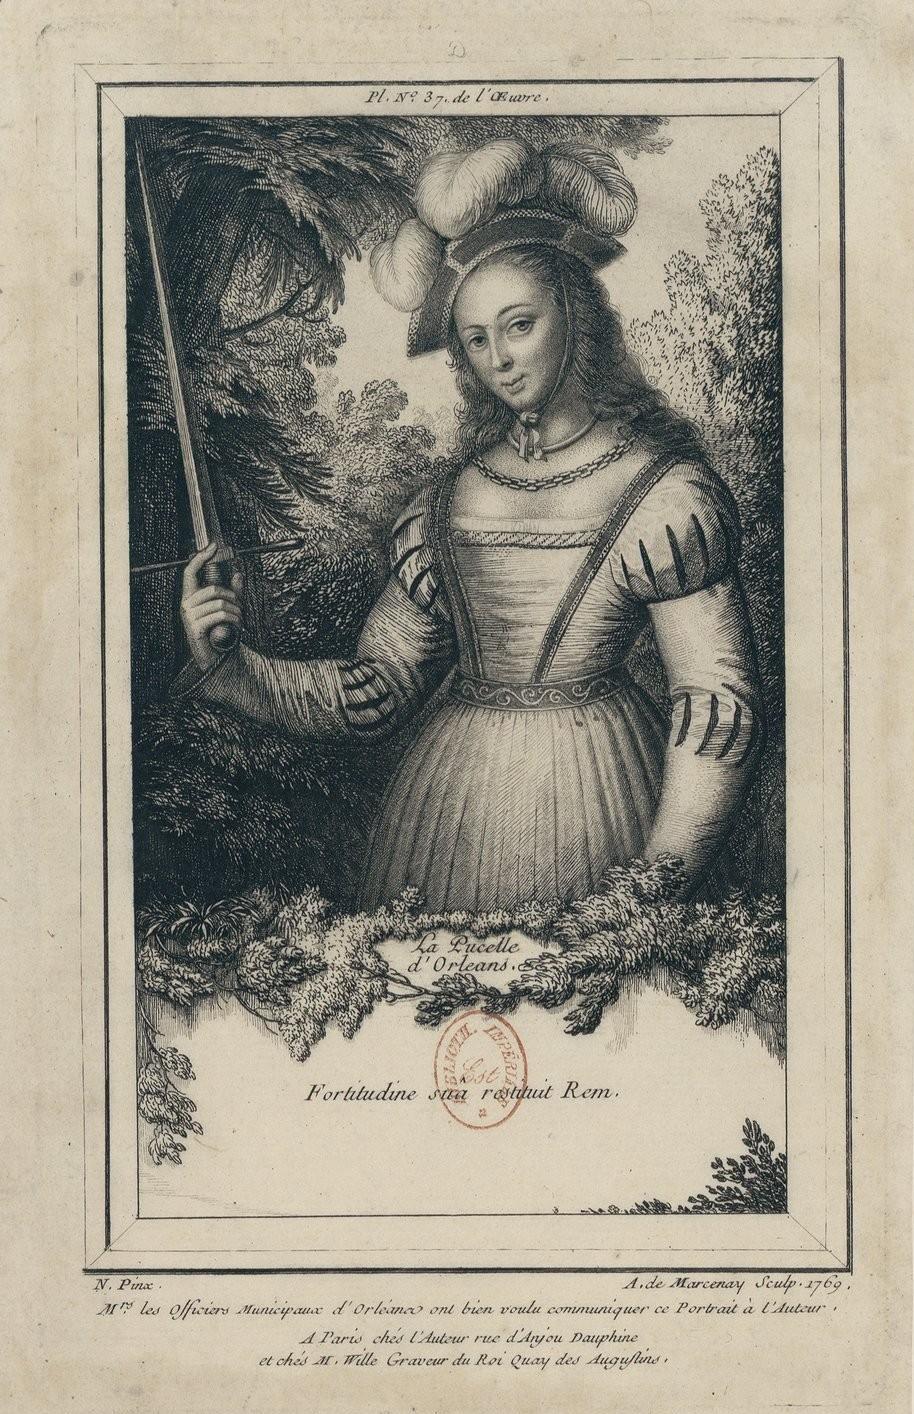 Portrait de Jeanne d'Arc gravé par Noël Le Mire, 1774, inspiré du tableau des échevins d'Orléans, Gallica-BnF